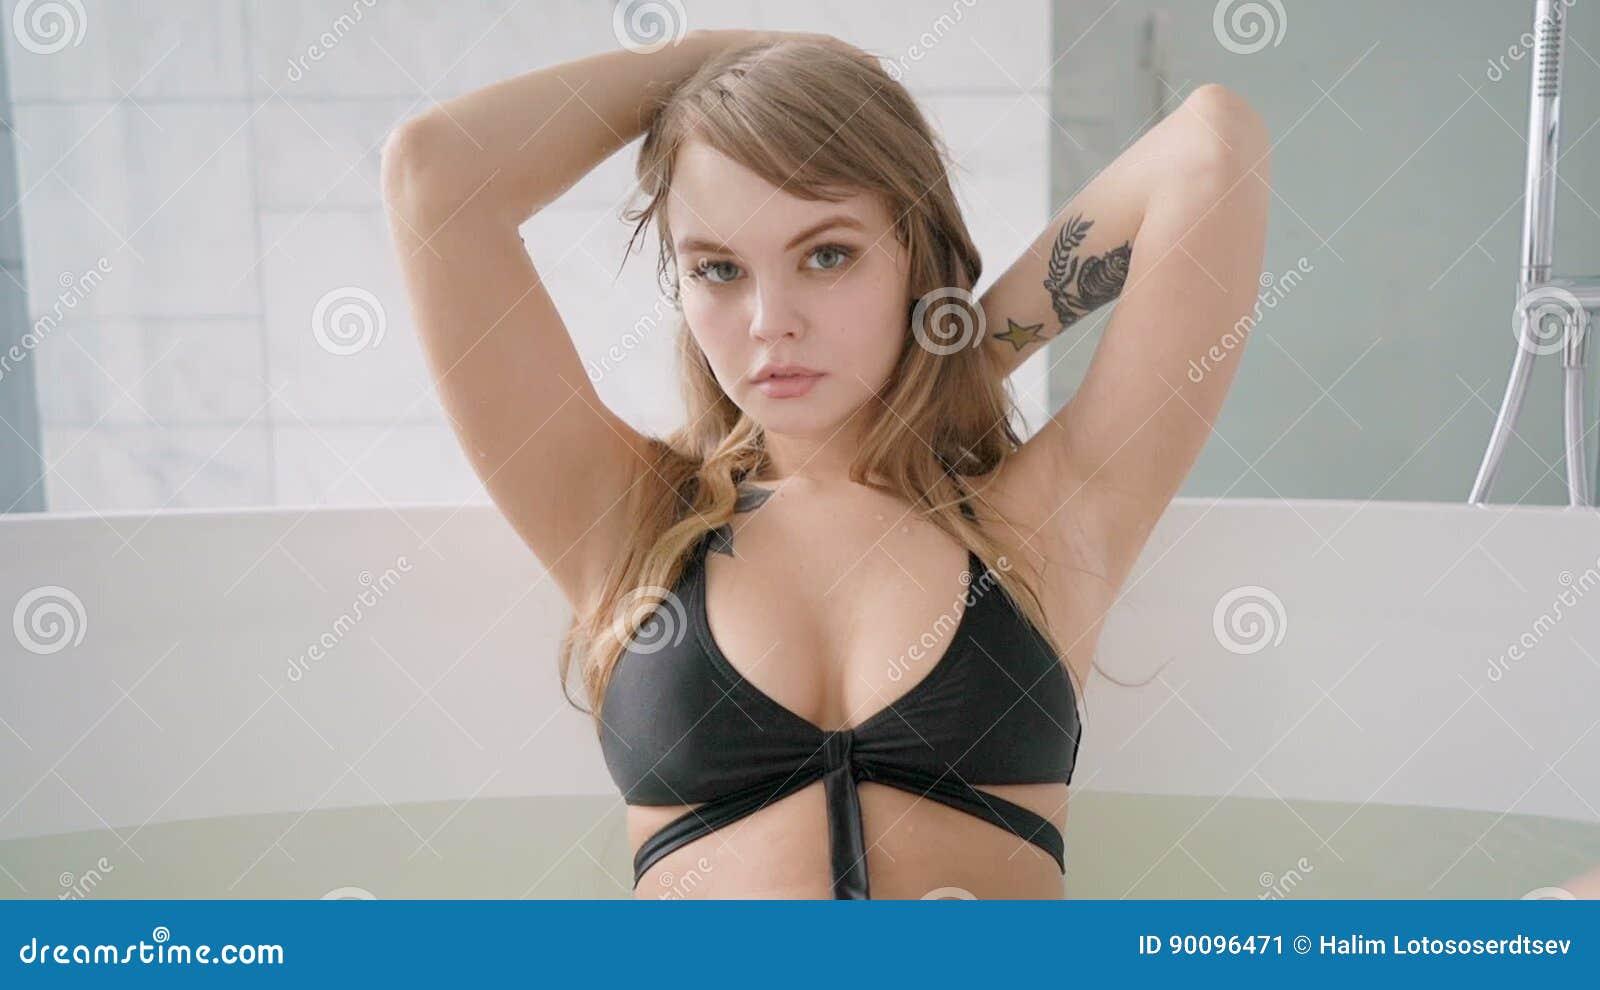 Male panties sex